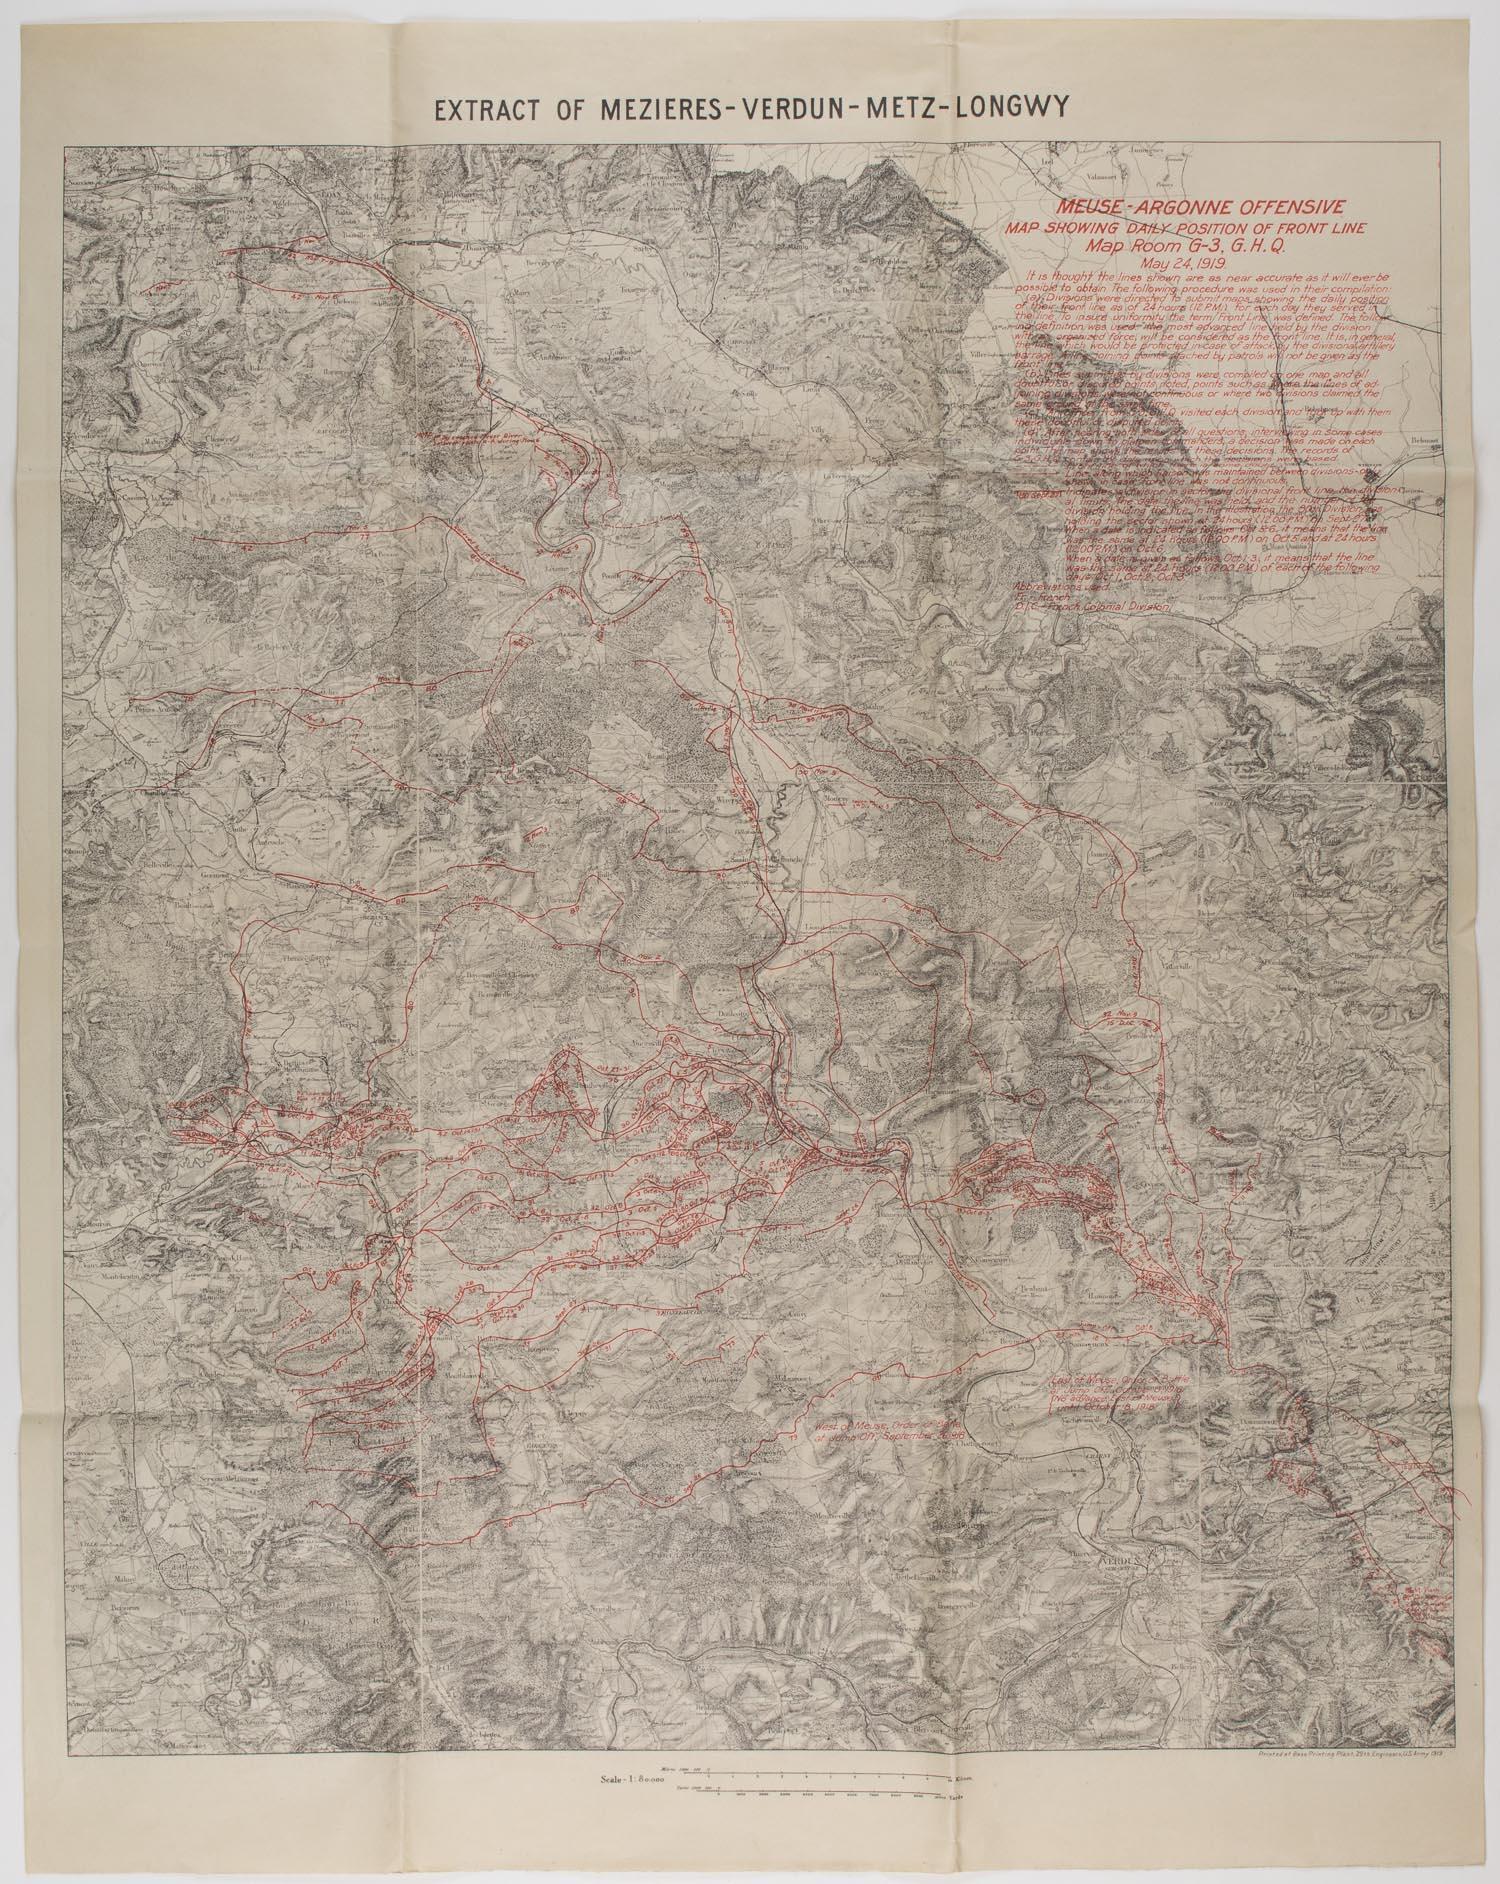 MAP OF VERDUN SECTOR SHOWING MEUSE-ARGONNE OFFENSIVE